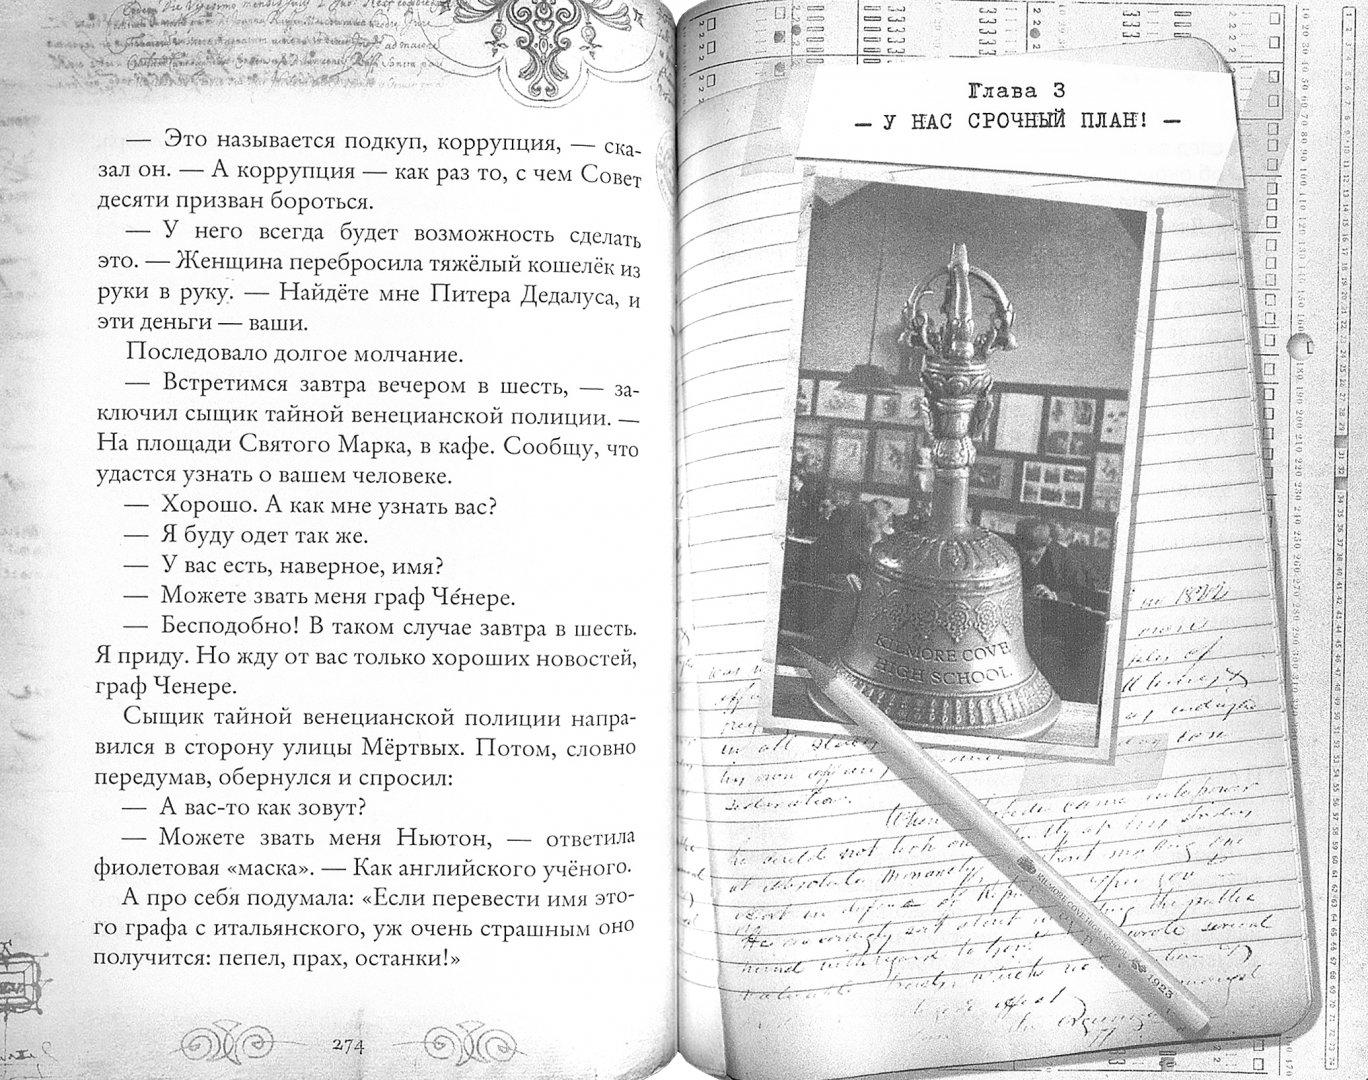 Иллюстрация 1 из 16 для Дом зеркал. Остров масок - Улисс Мур | Лабиринт - книги. Источник: Лабиринт